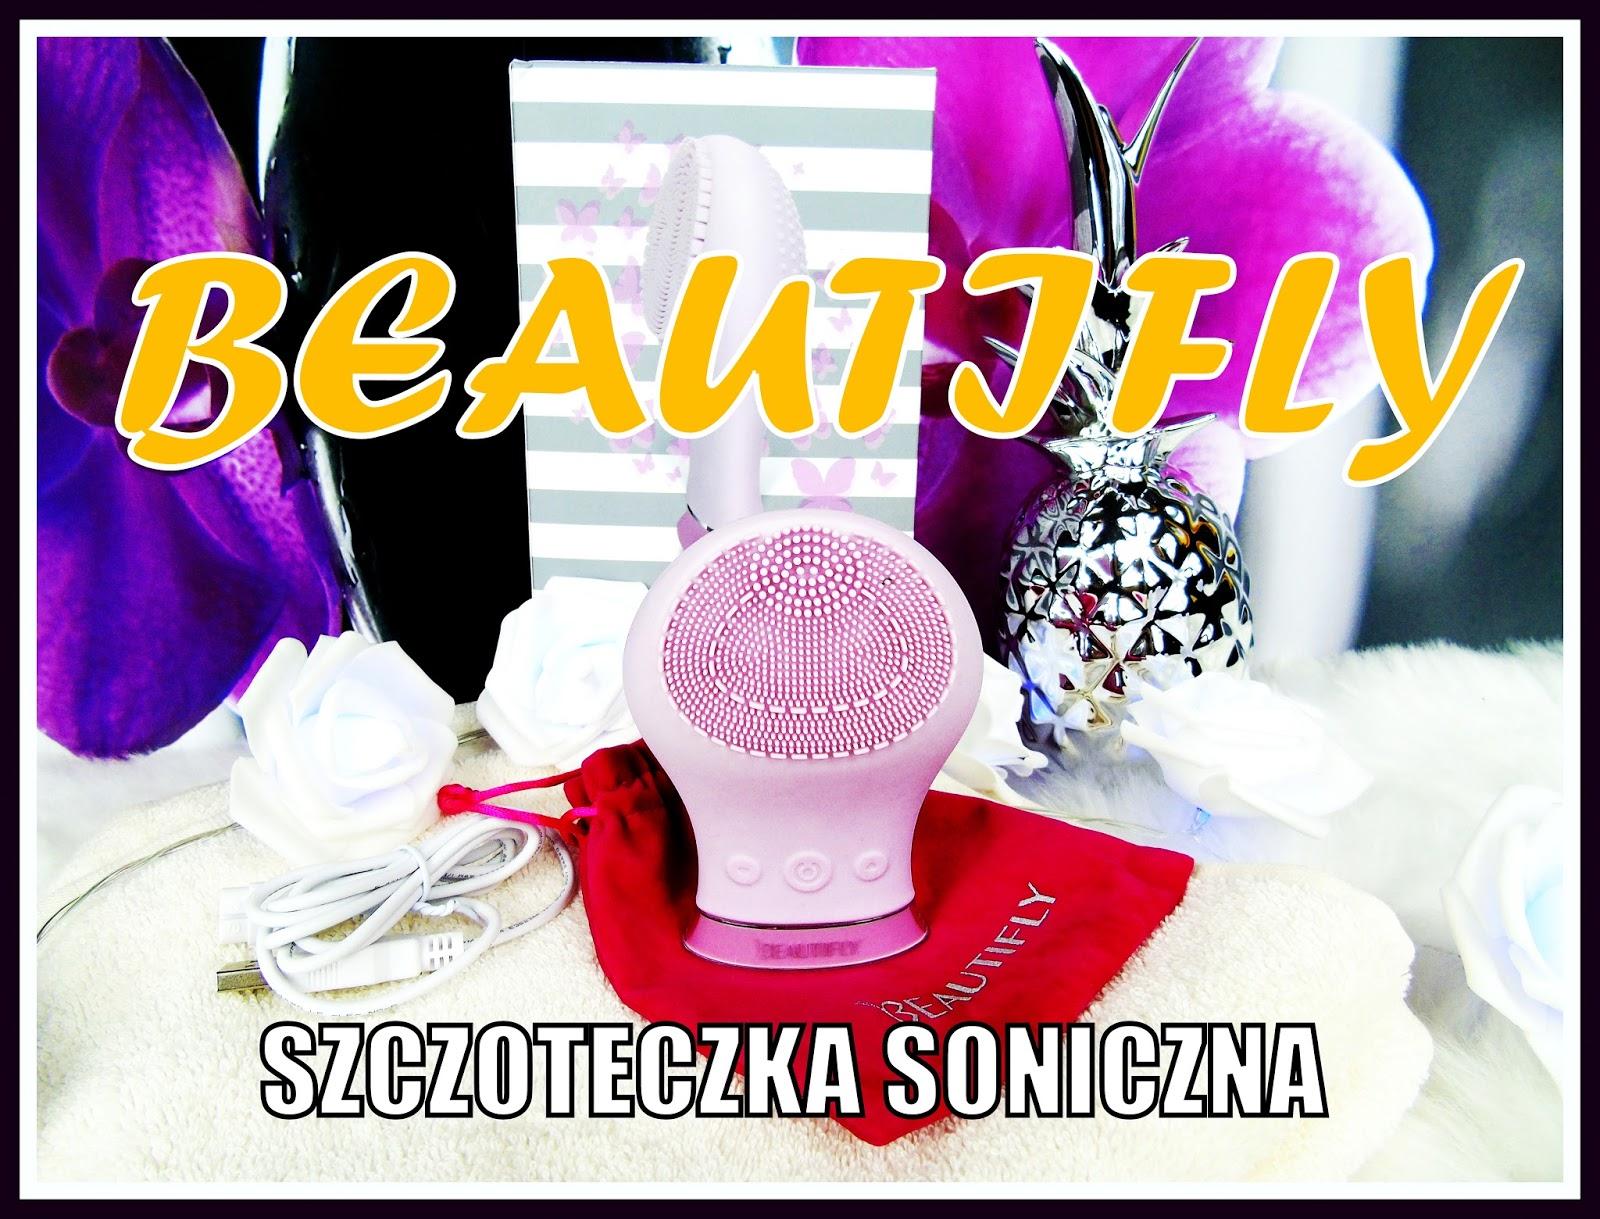 BEAUTIFLY - Ergonomiczna i ekonomiczna szczoteczka soniczna do mycia twarzy